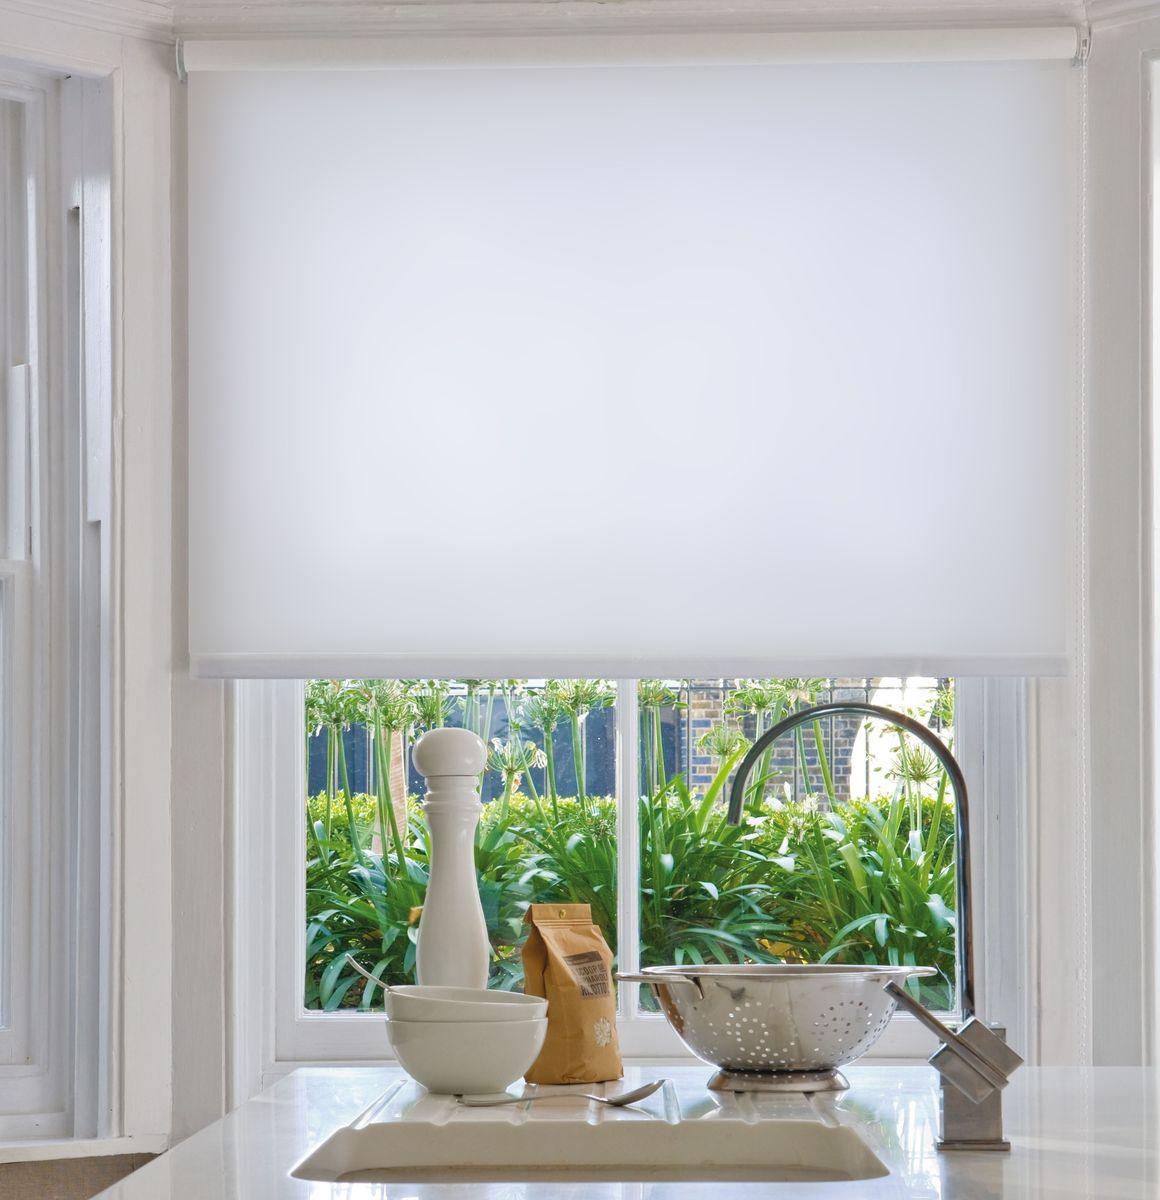 Штора рулонная Эскар Миниролло, цвет: белый, ширина 98 см, высота 170 см31008098170Рулонная штора Эскар Миниролло выполнена из высокопрочной ткани, которая сохраняет свой размер даже при намокании. Ткань не выцветает и обладает отличной цветоустойчивостью.Миниролло - это подвид рулонных штор, который закрывает не весь оконный проем, а непосредственно само стекло. Такие шторы крепятся на раму без сверления при помощи зажимов или клейкой двухсторонней ленты (в комплекте). Окно остается на гарантии, благодаря монтажу без сверления. Такая штора станет прекрасным элементом декора окна и гармонично впишется в интерьер любого помещения.